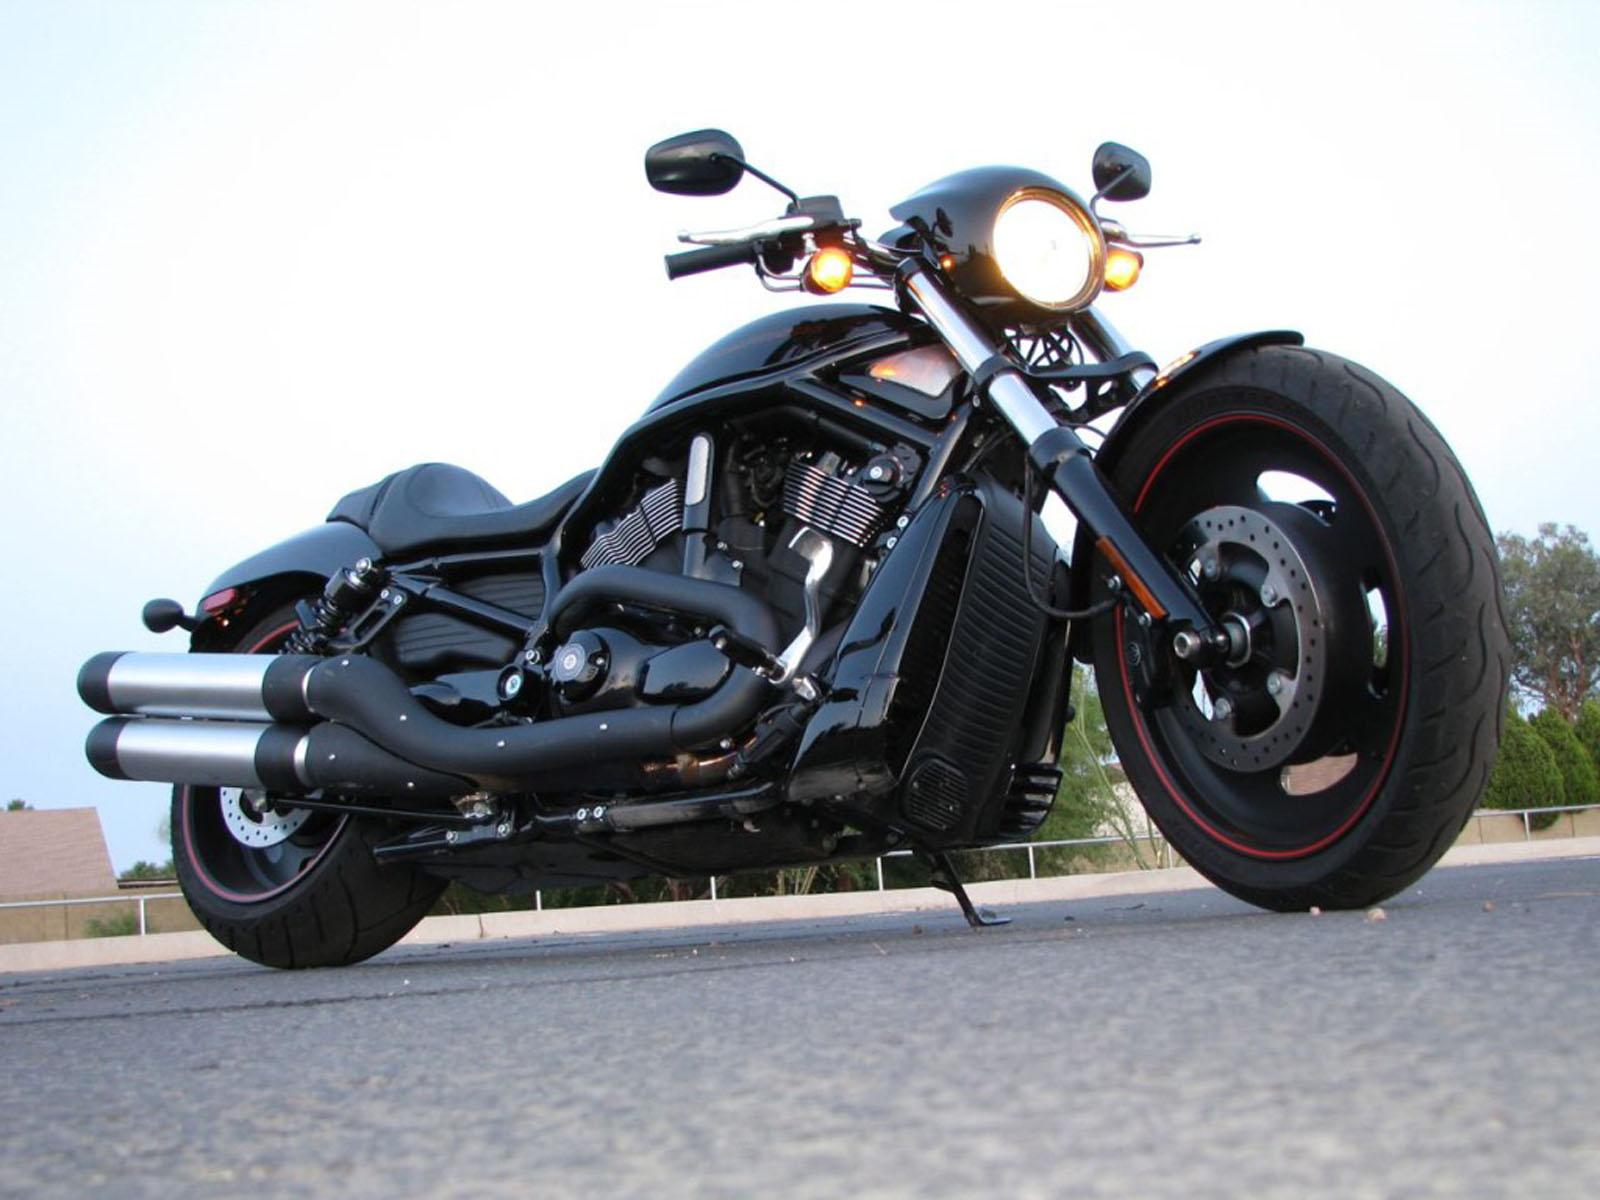 Harley Davidson Bikes Wallpapers Nitish Dangerous 1600x1200